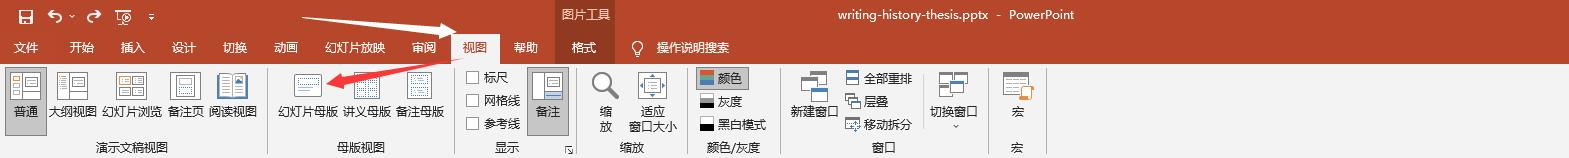 [外链图片转存失败,源站可能有防盗链机制,建议将图片保存下来直接上传(img-XEXWXHcC-1620480579998)(C:\Users\Uuuu\AppData\Roaming\Typora\typora-user-images\image-20210507173118694.png)]